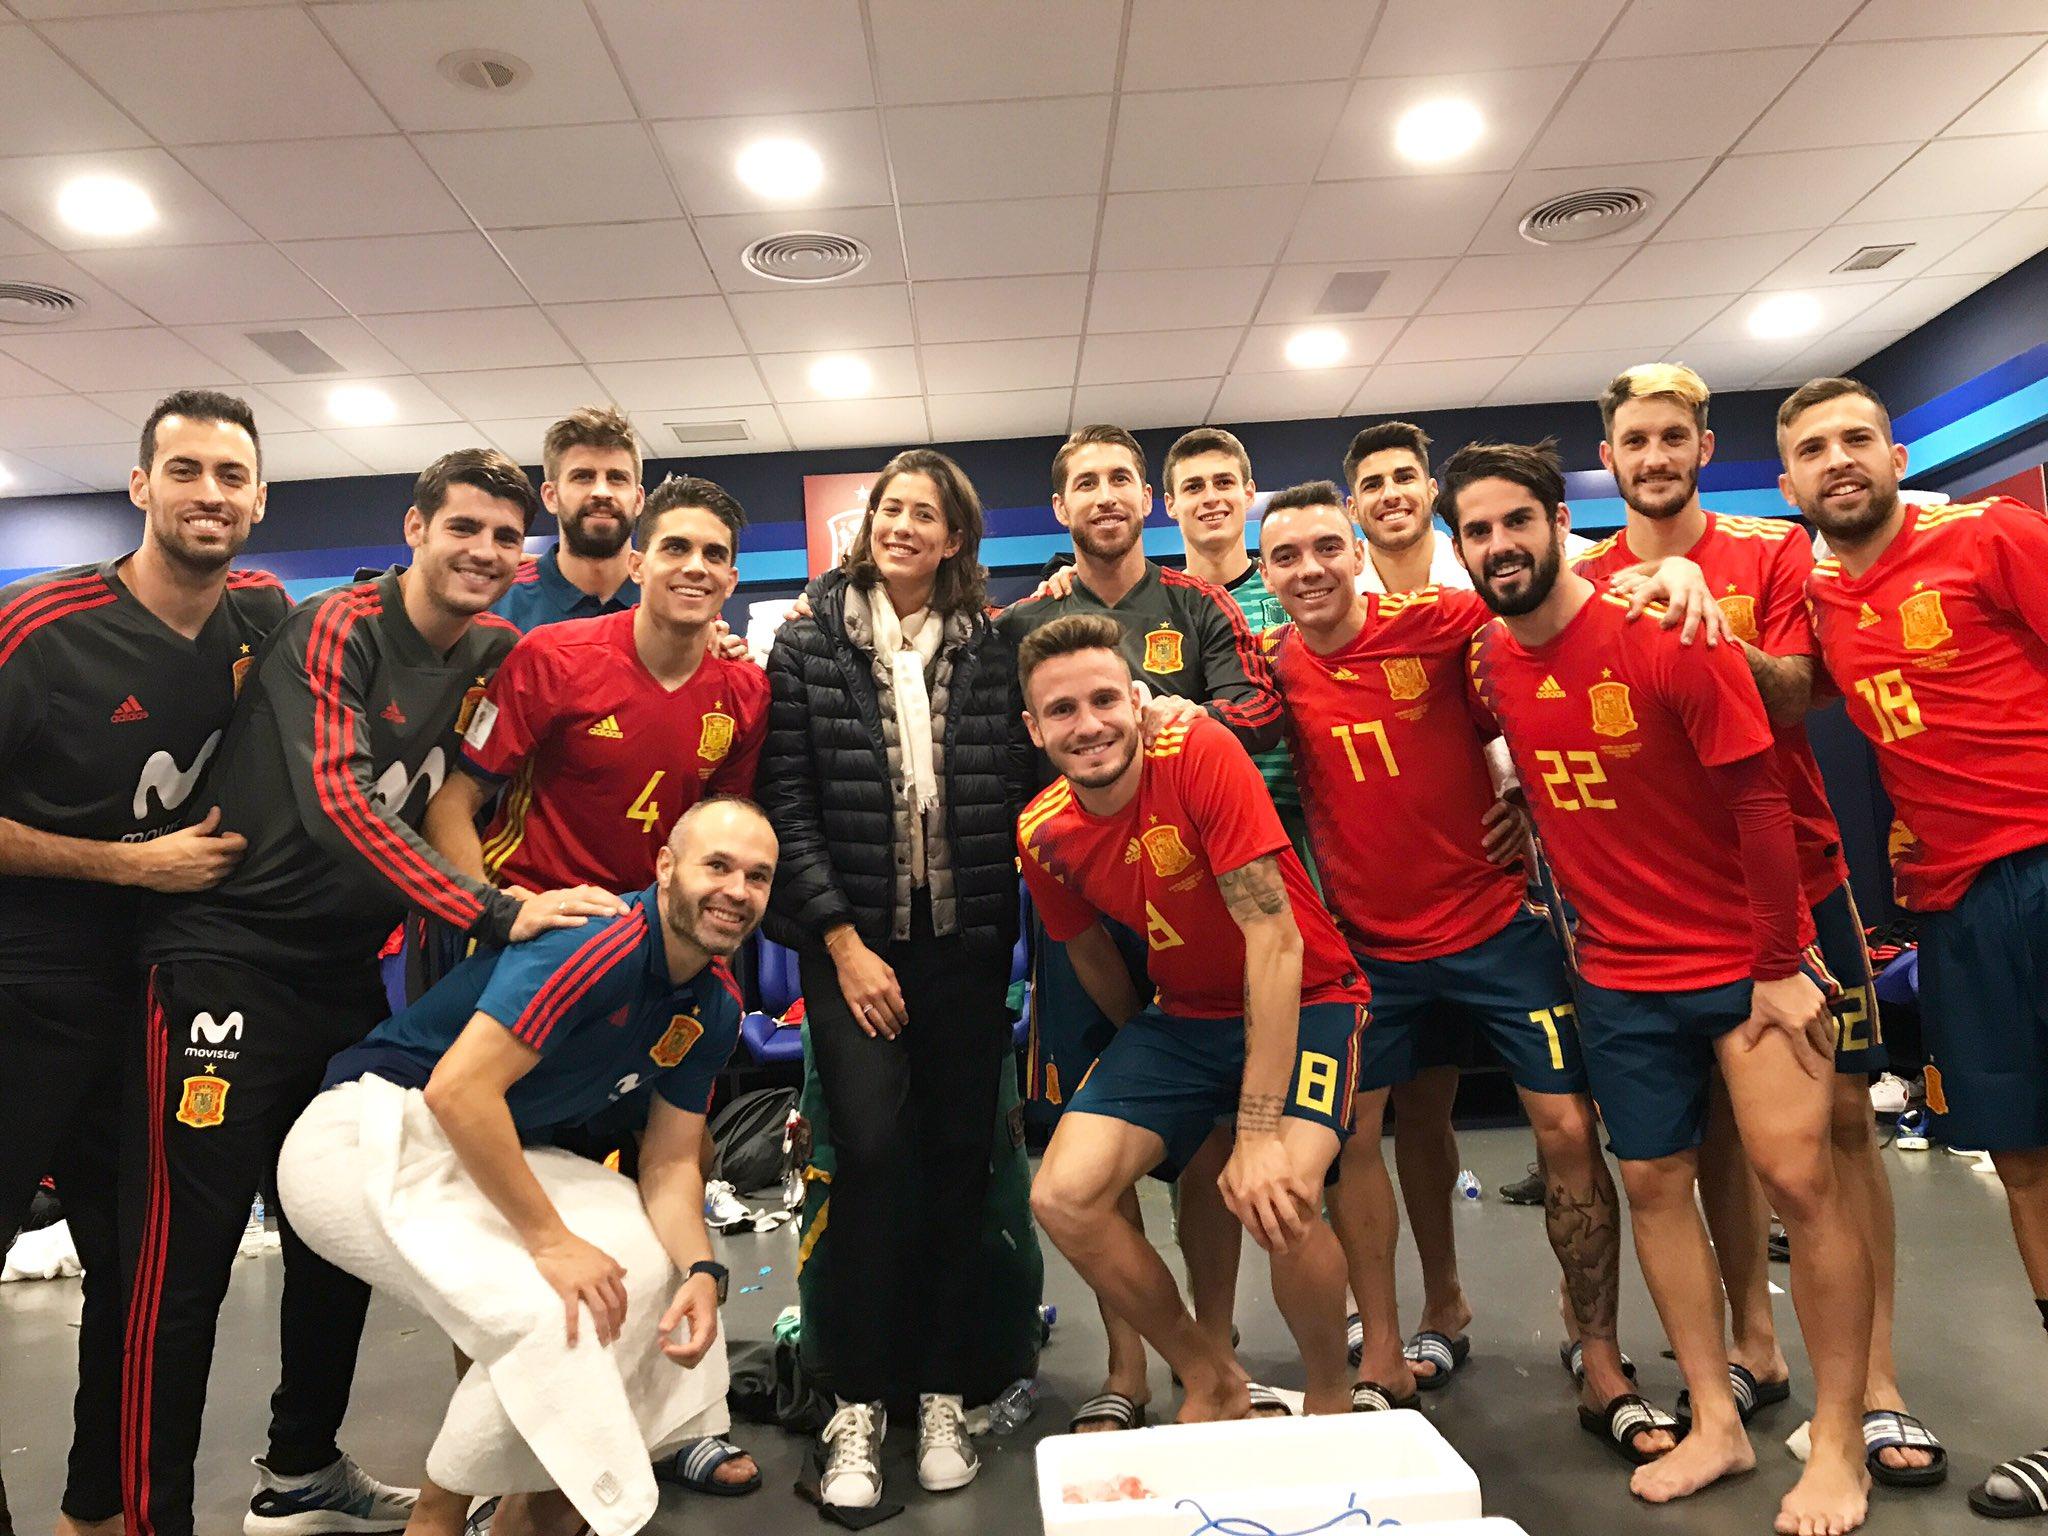 Que bien lo he pasado viendo a este equipazo! Had fun watching this great team!  @sefutbol ゚ᄂリ゚マᄐ゚ᄂリ゚マᄐ゚ᄂリ゚マᄐ゚ᄂリ゚マᄐ゚メᆬ゚メᆬ゚メᆬ゚メᆬ゚モᄌ゚モᄌ゚モᄌ゚メピメヒ https://t.co/nShSK8zh0r